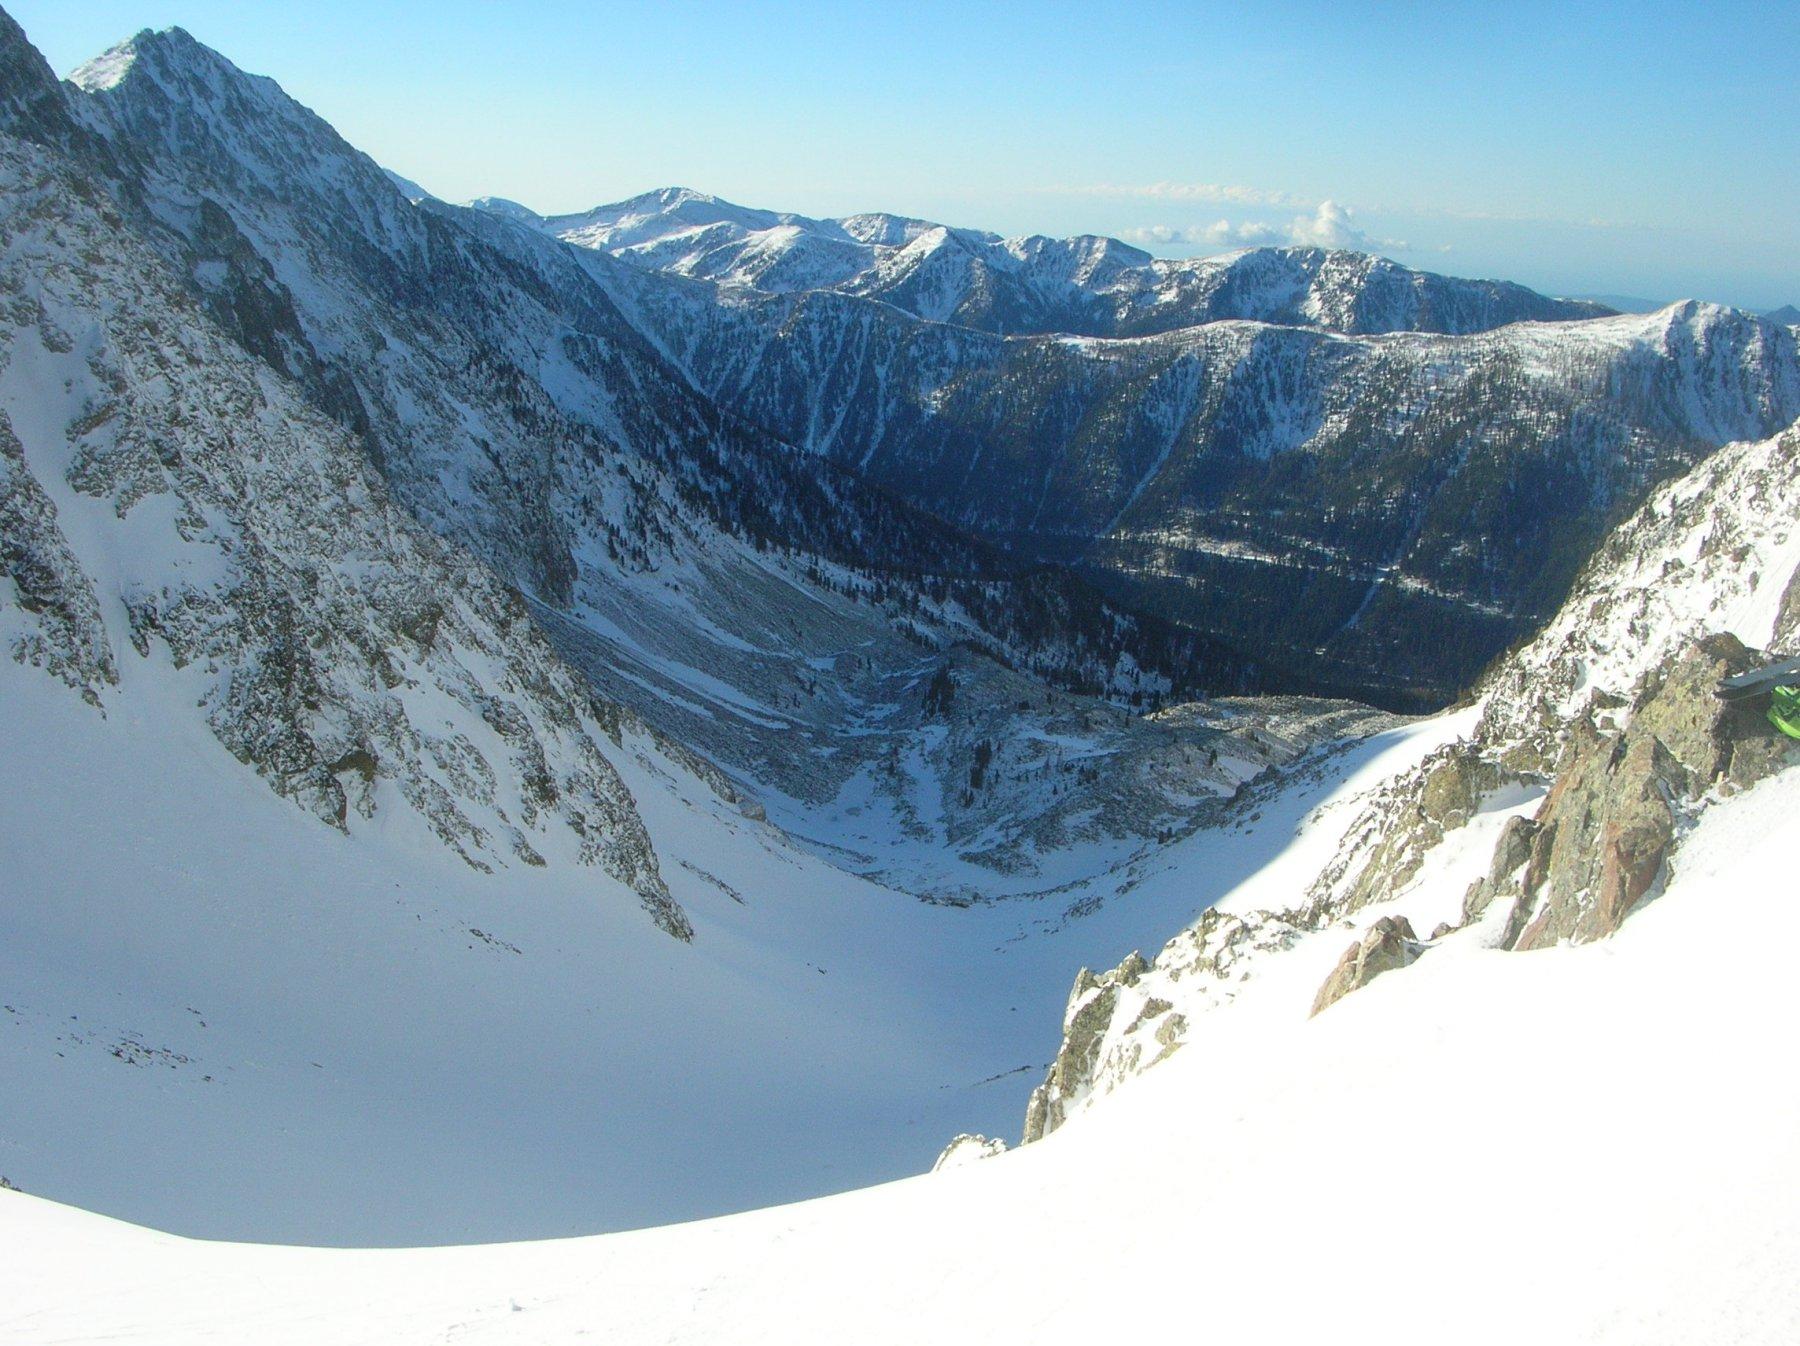 vista del vallone di discesa da Colle Ciriegia